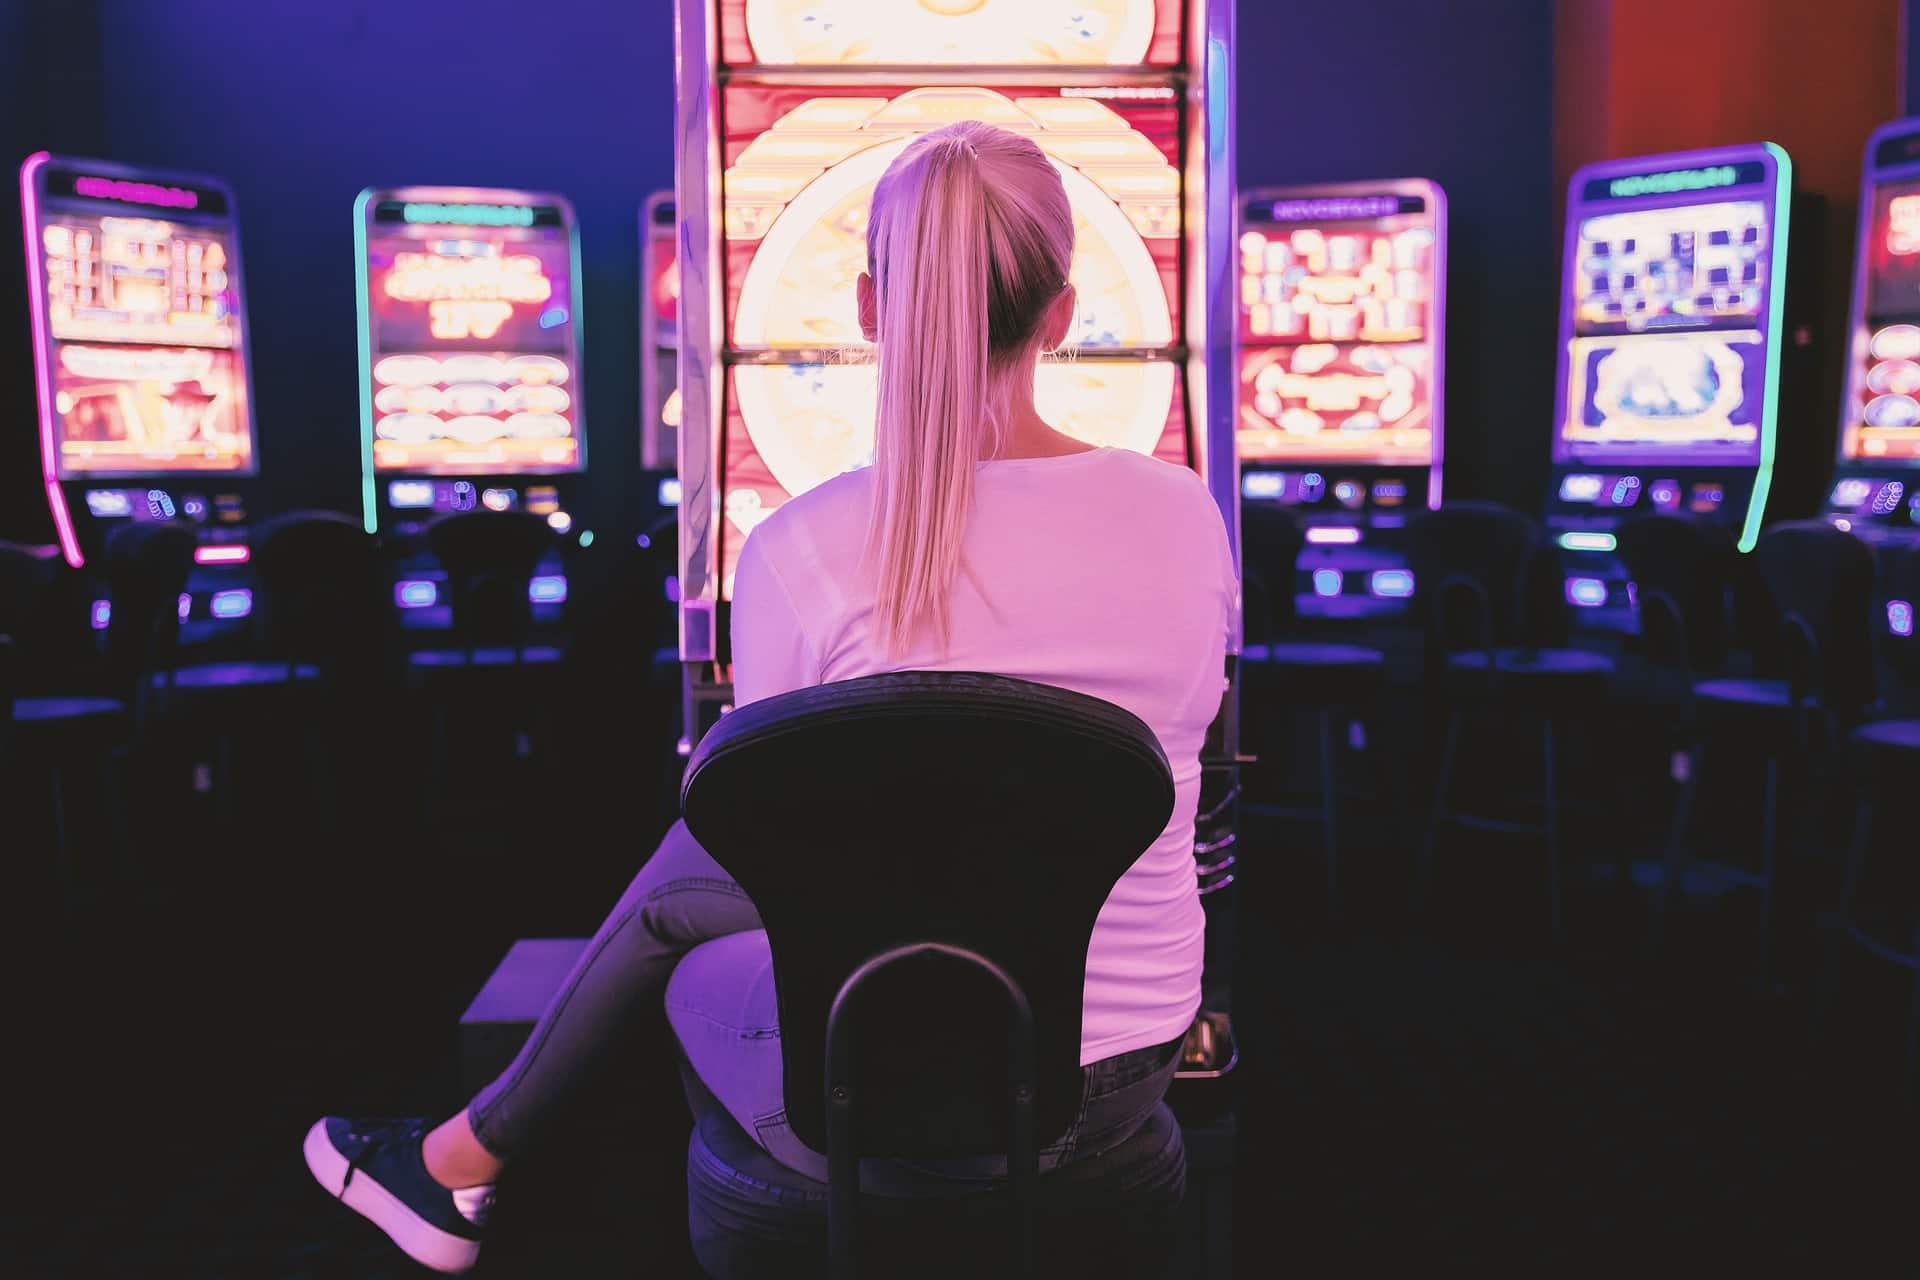 woman on slot machine